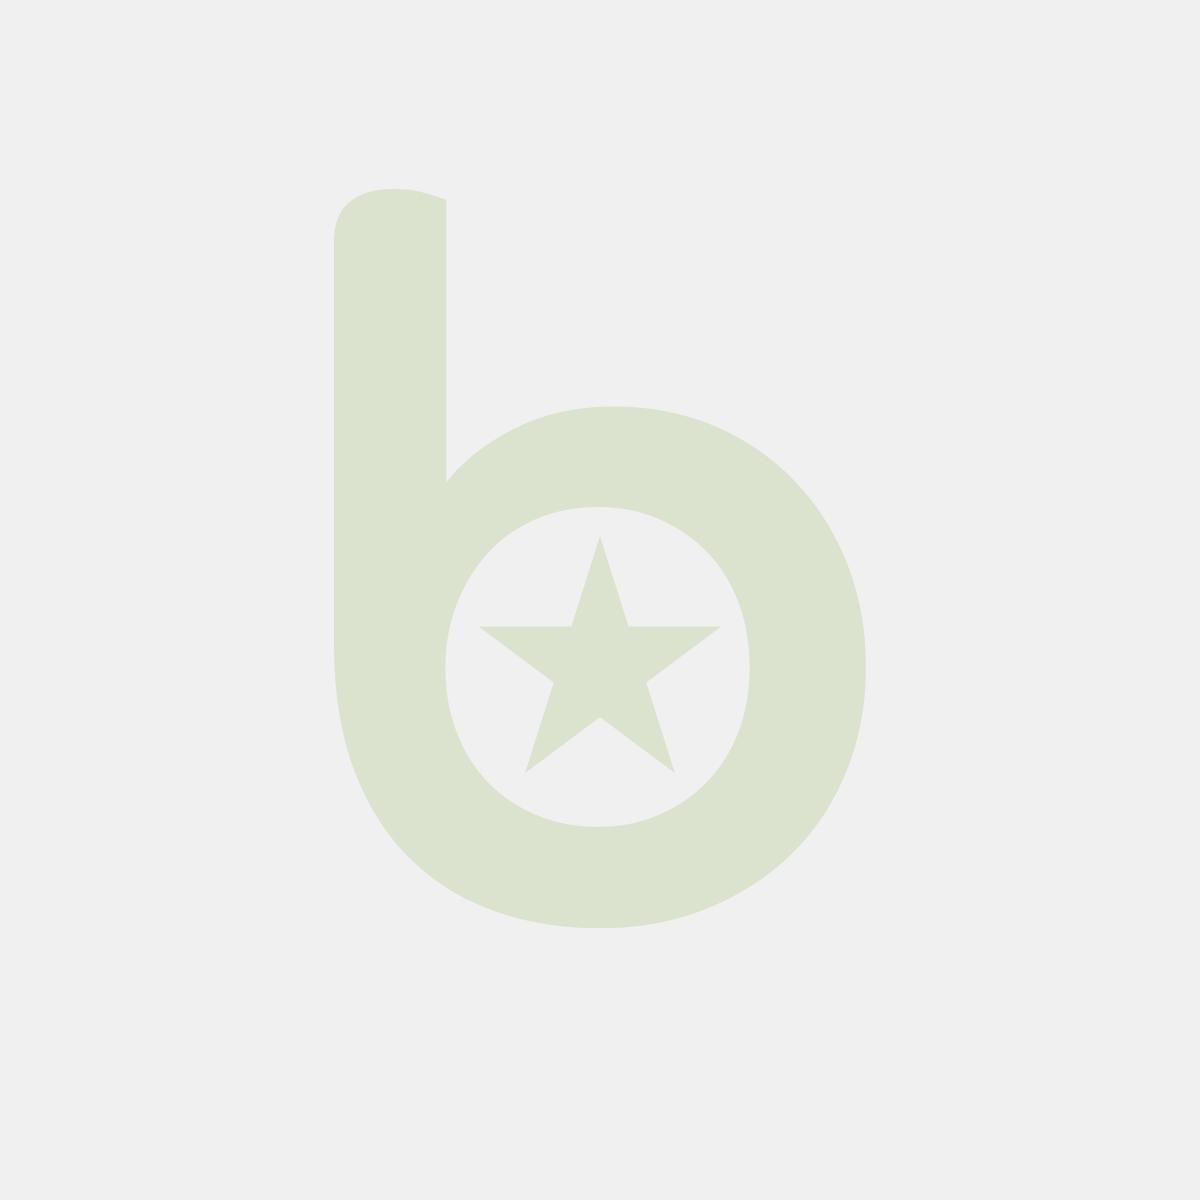 Bieżnik PAPSTAR ROYAL Collection Adele z PV-Tissue Mix przypominającej tkaninę,w rolce 24m/40cm fuksja, bibuła